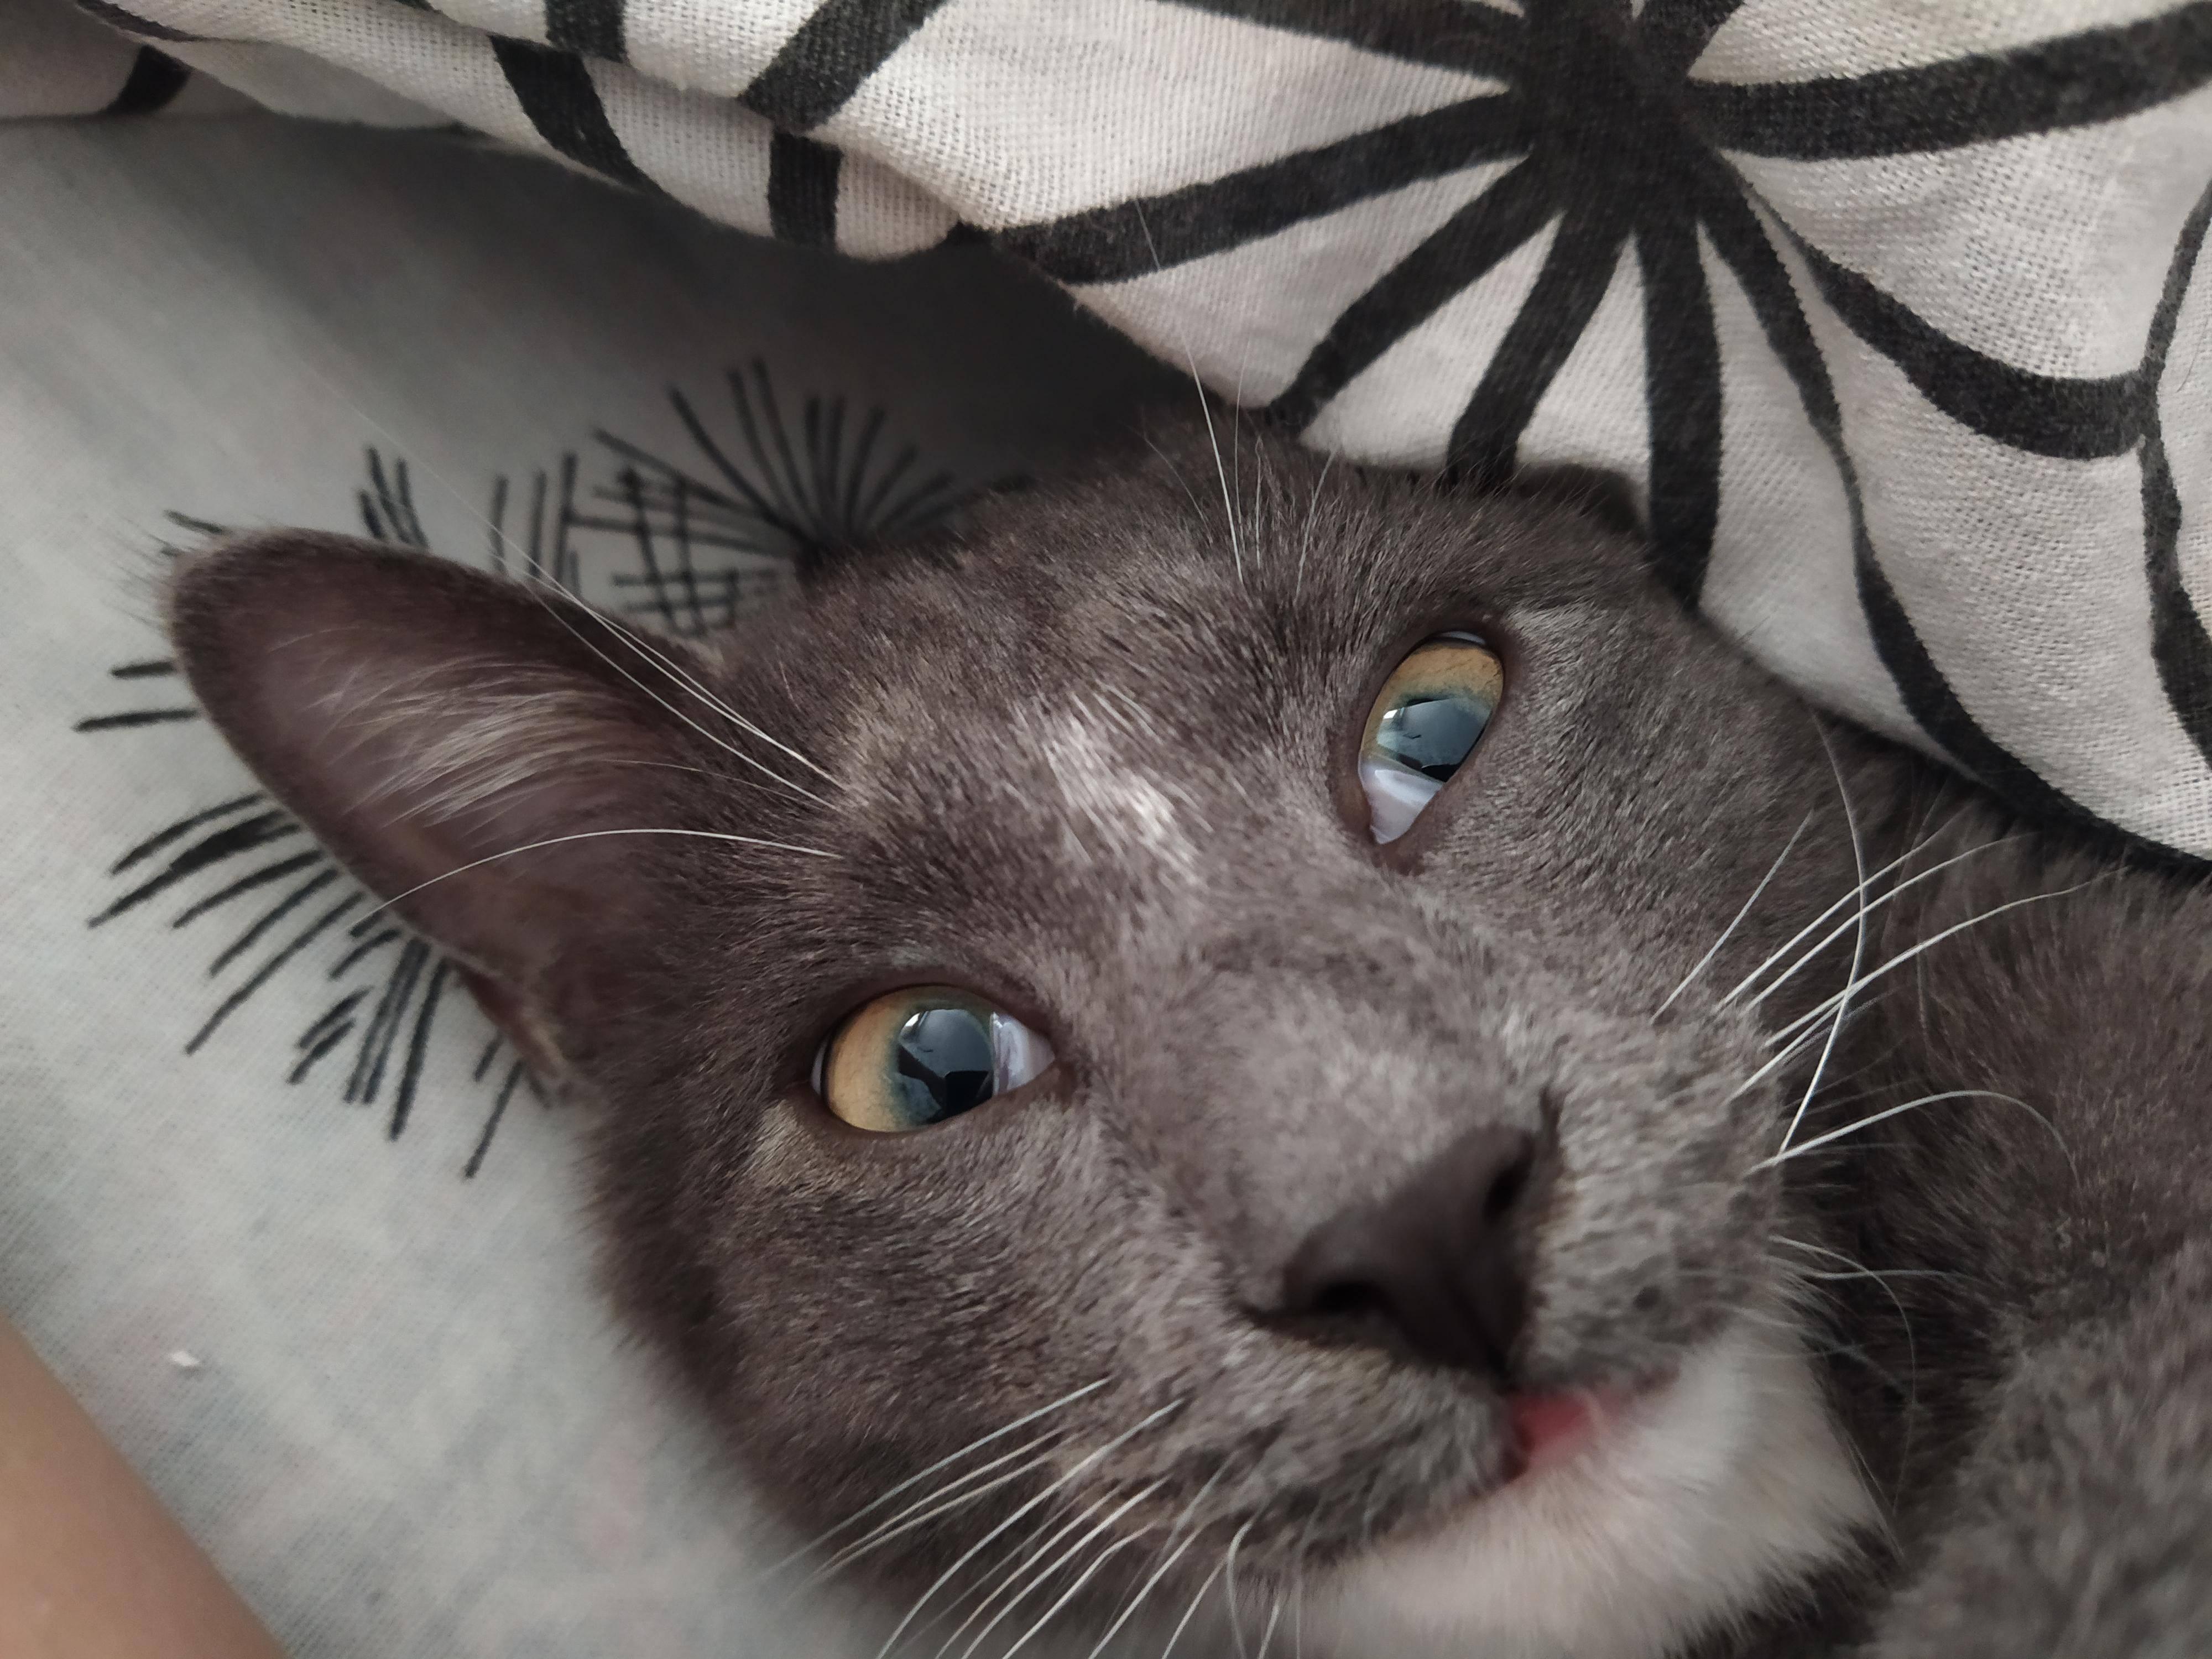 У кошки глаза наполовину закрыты пленкой: причины и что делать?